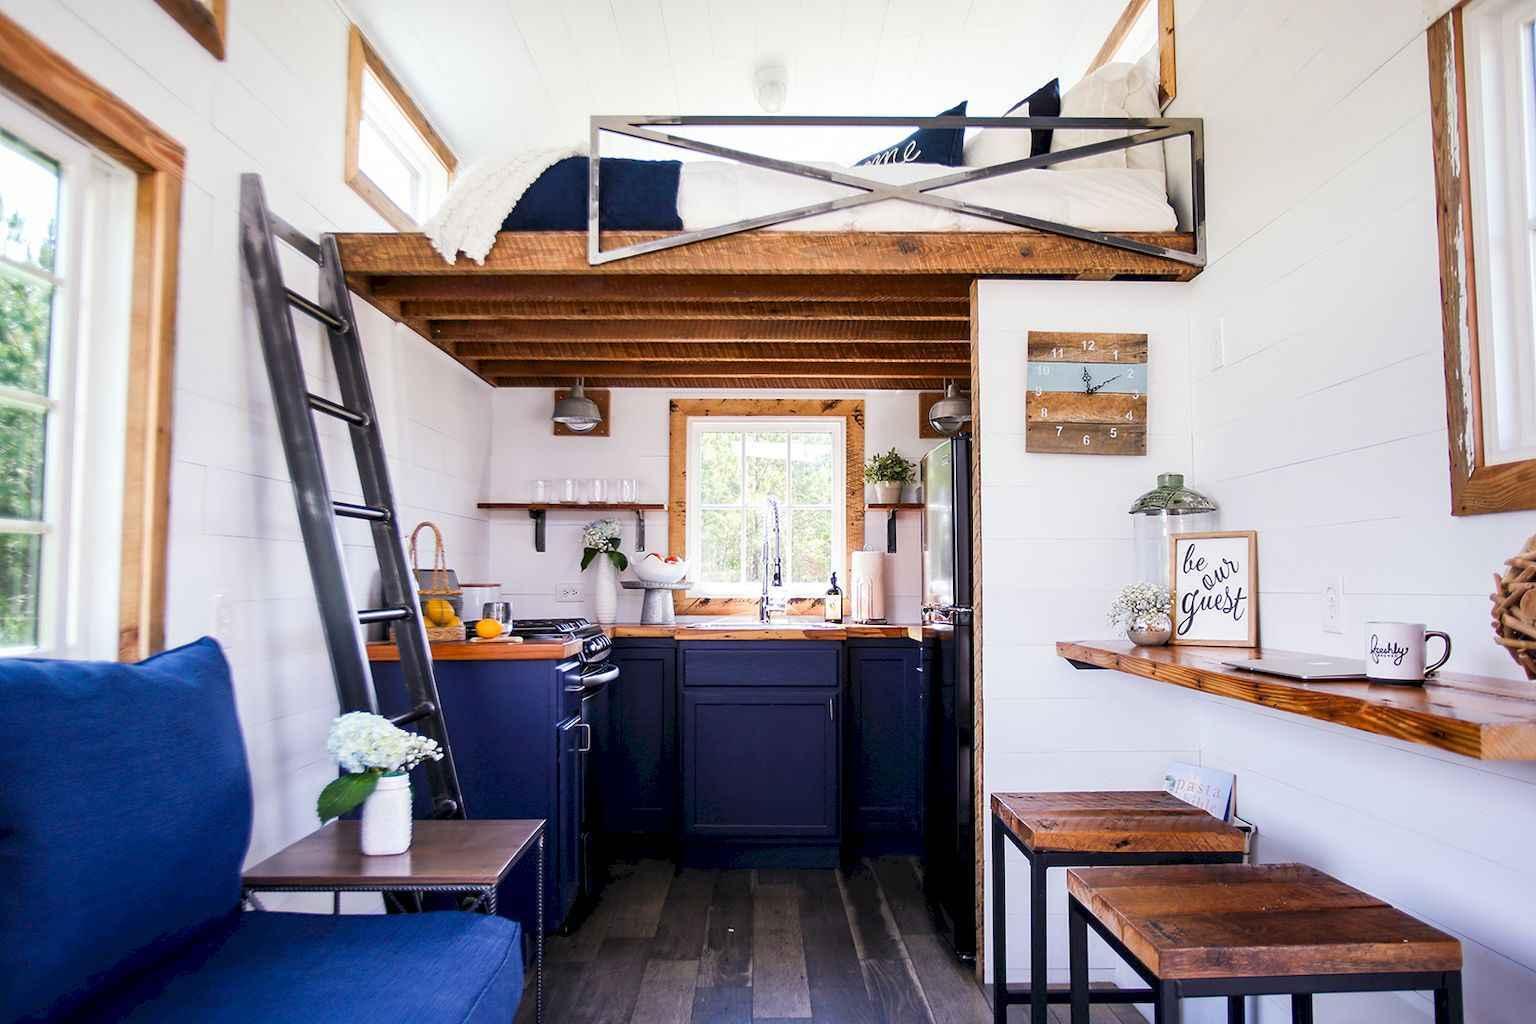 Best 30 Tiny House Interior Decor Ideas 26 Roomadness Com